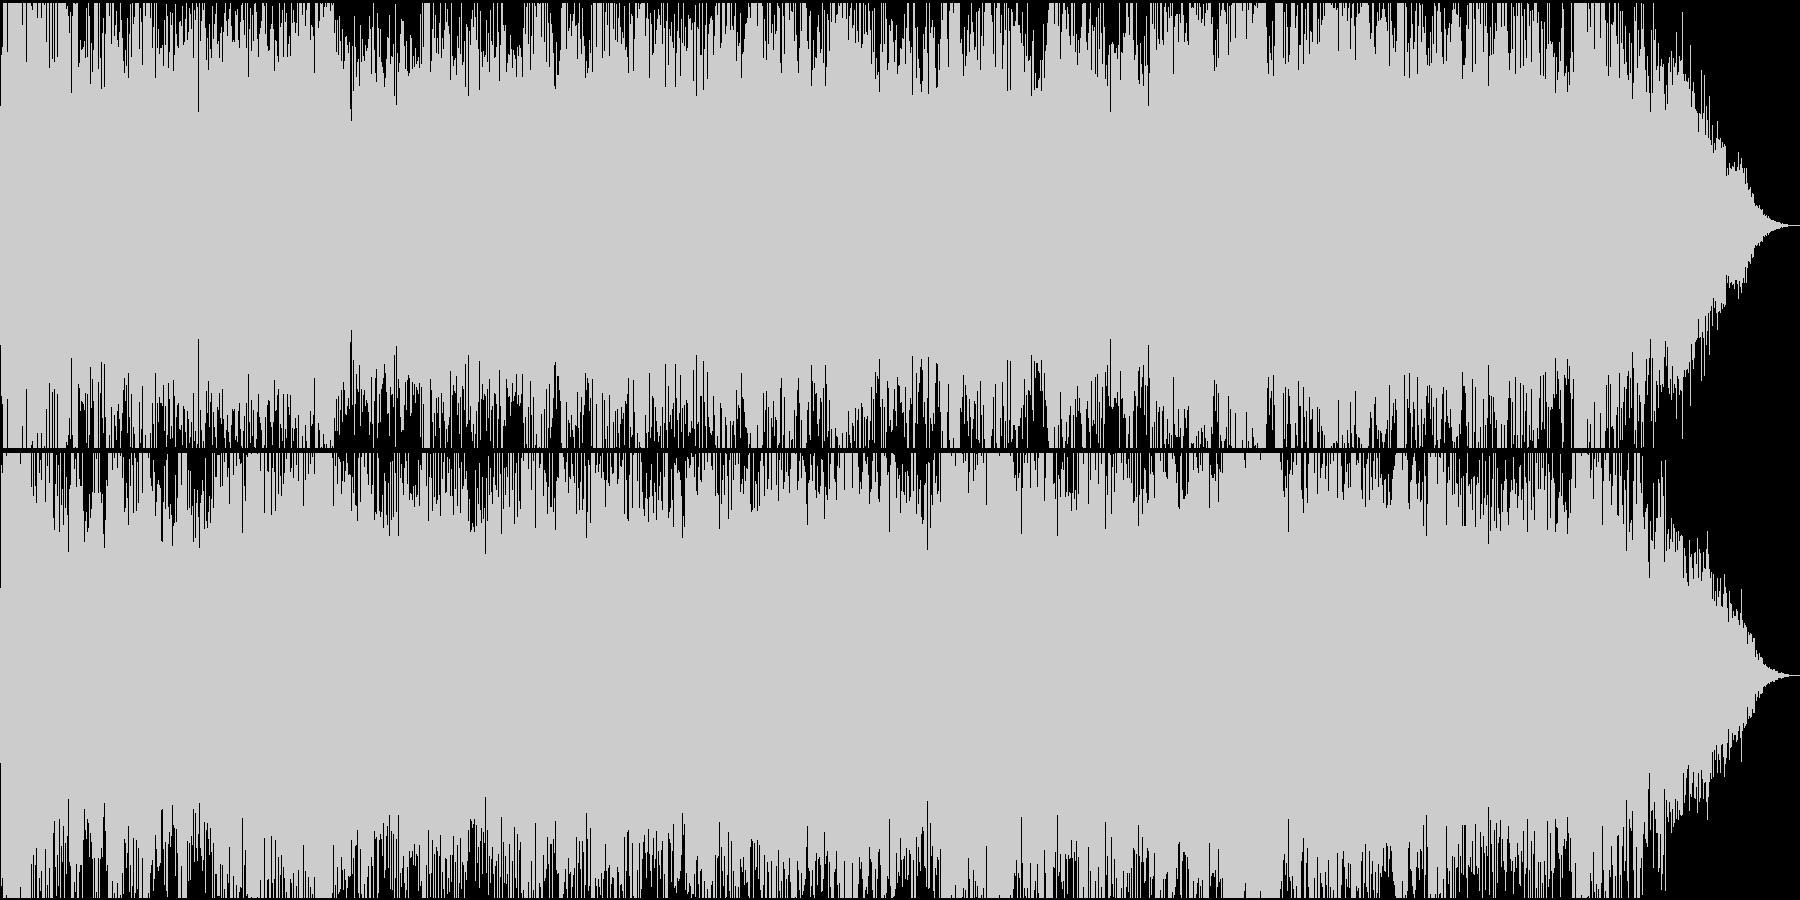 【20秒】壮大なオケもの/ラジオCM用の未再生の波形